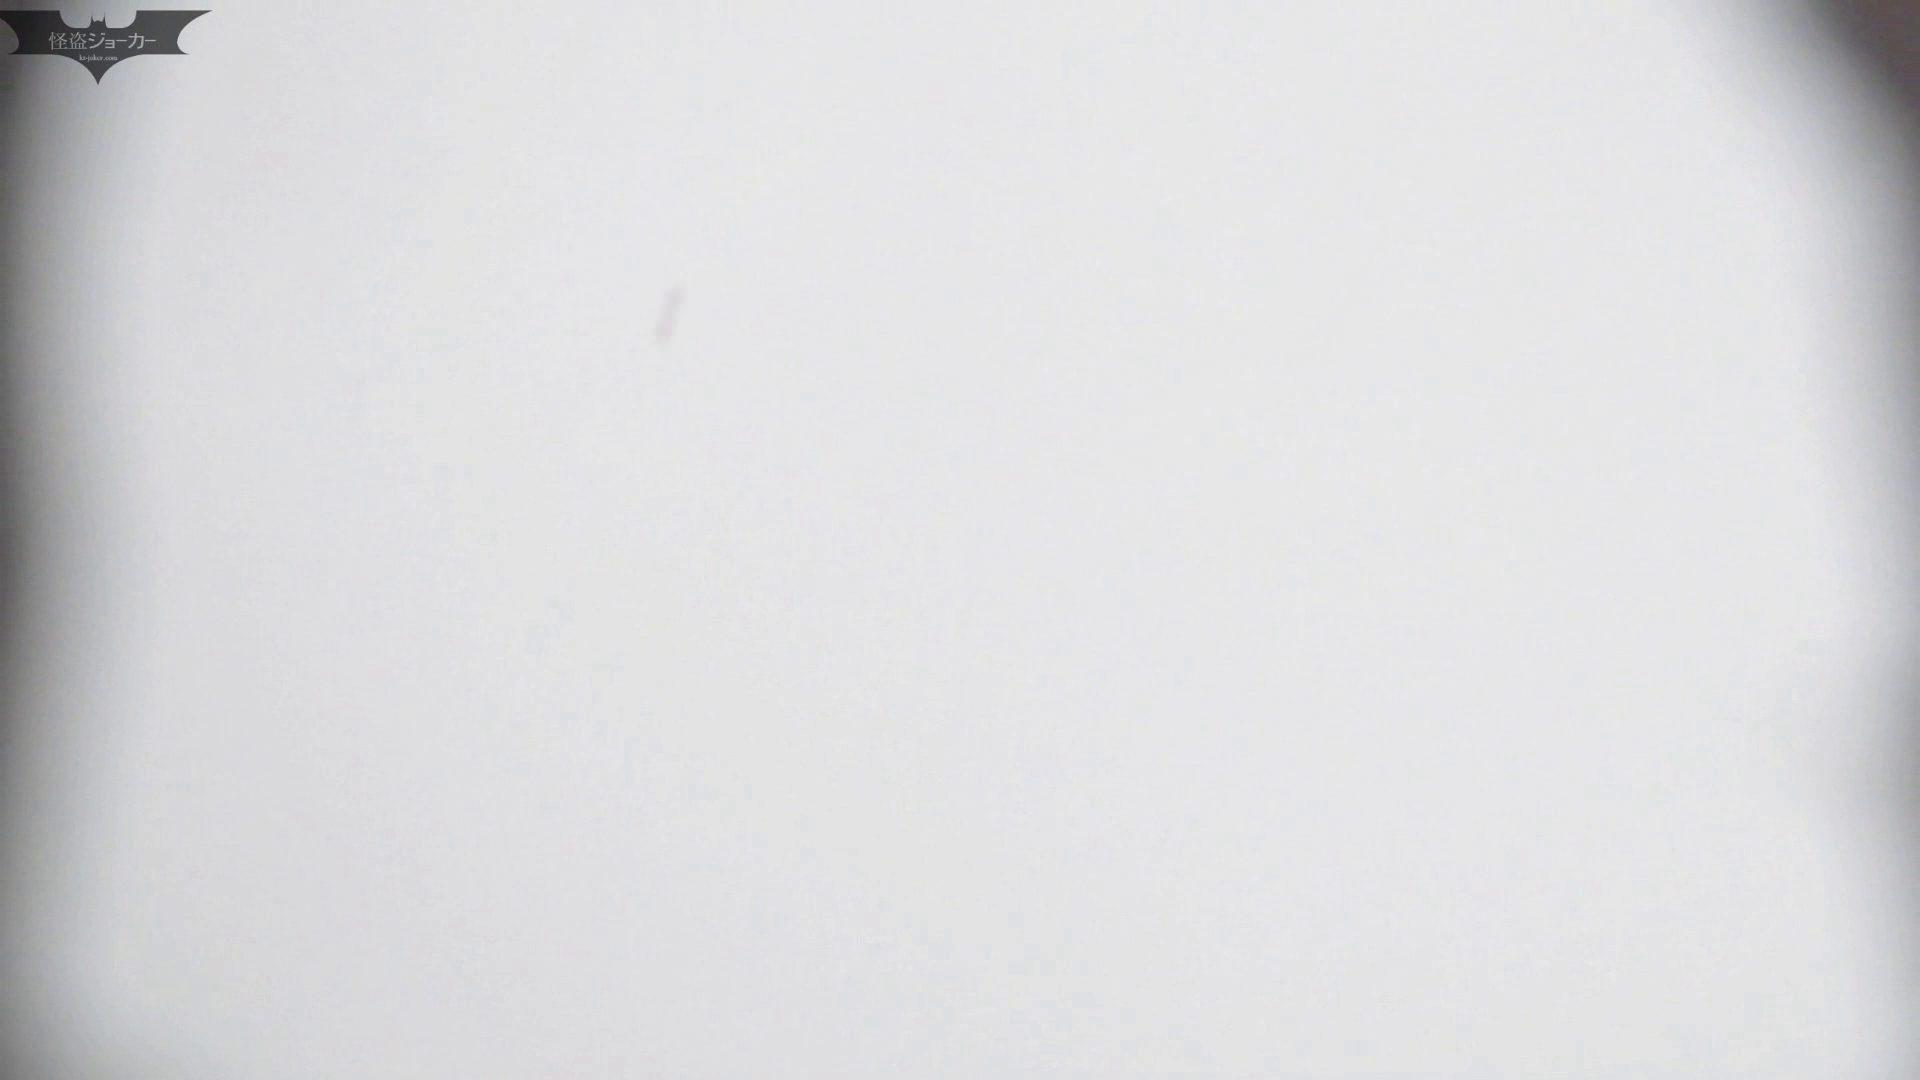 ヤリマンのオマンコ:洗面所特攻隊 vol.52 今日も「通快」!コツは右太ももなんです!:怪盗ジョーカー